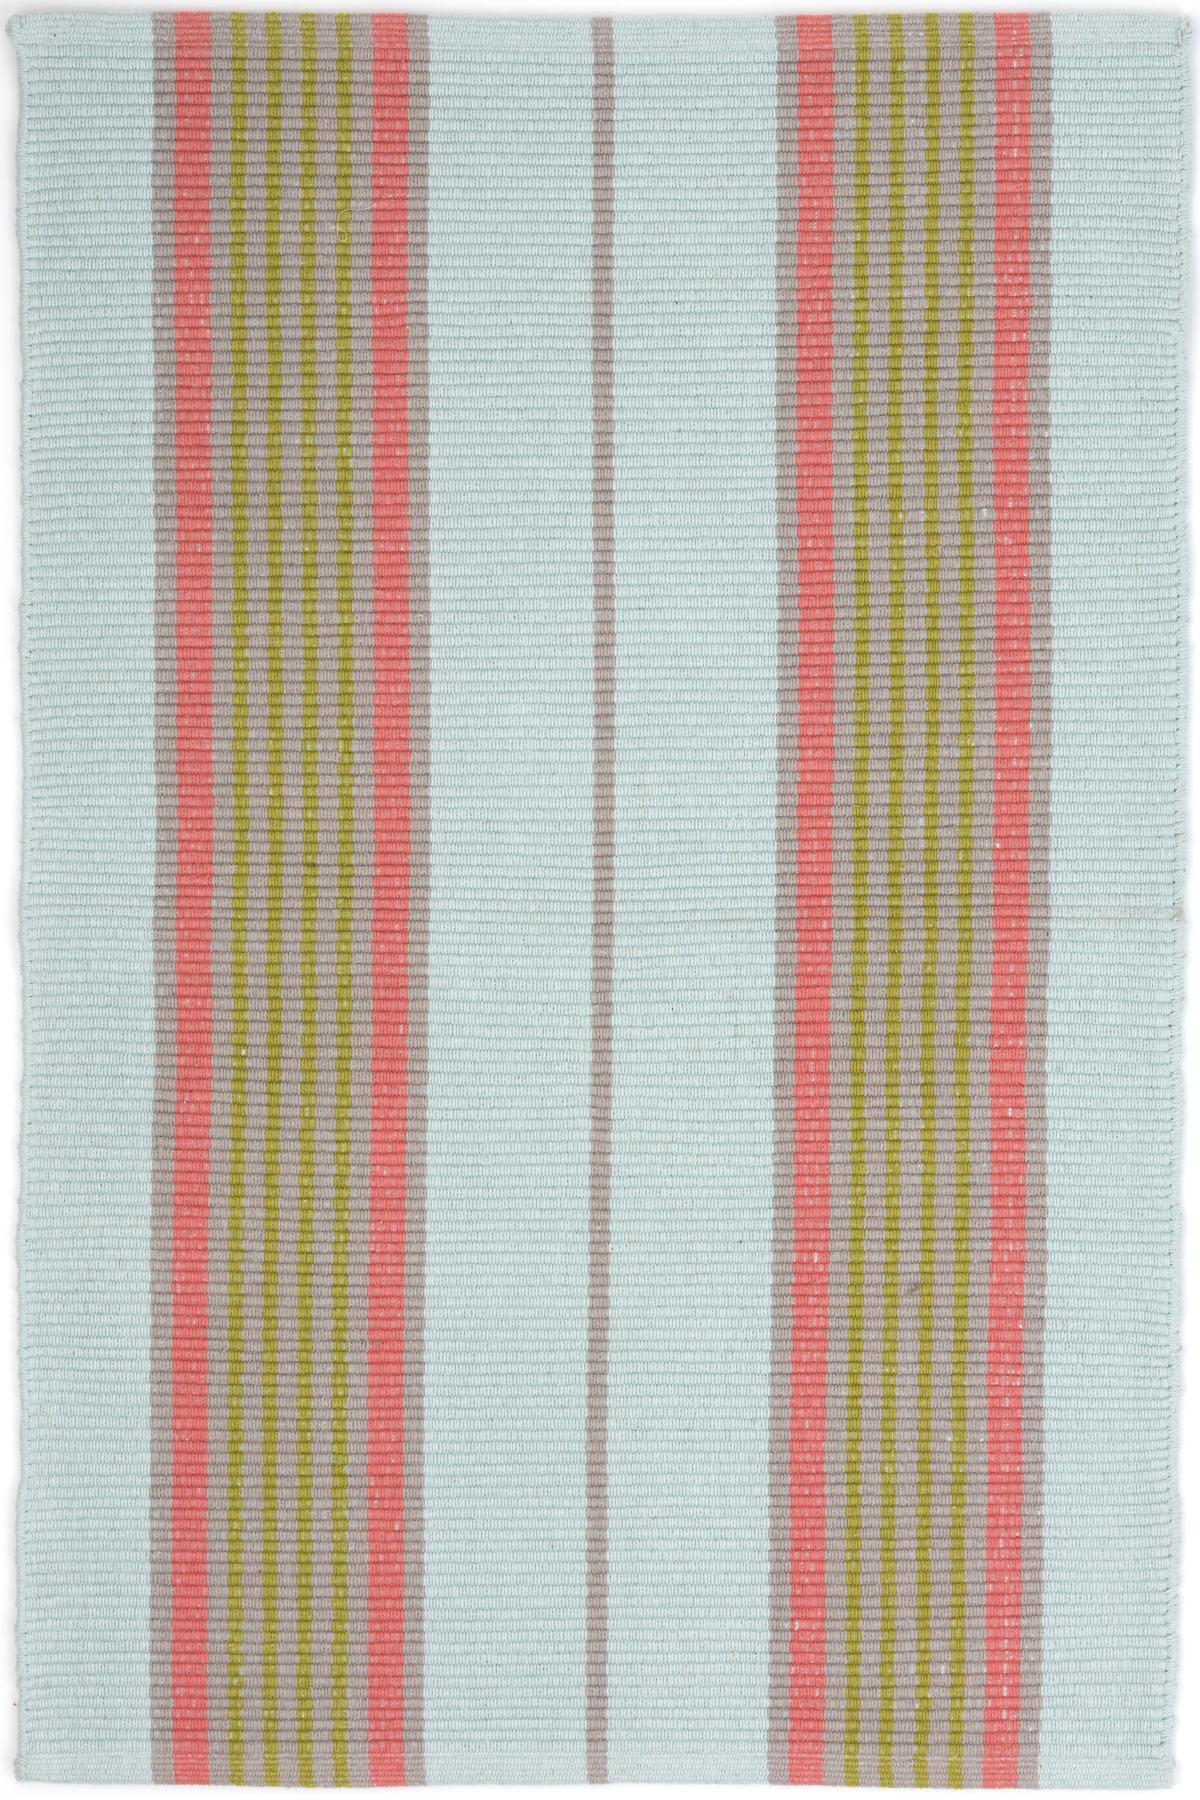 Josie Ticking Woven Cotton Rug